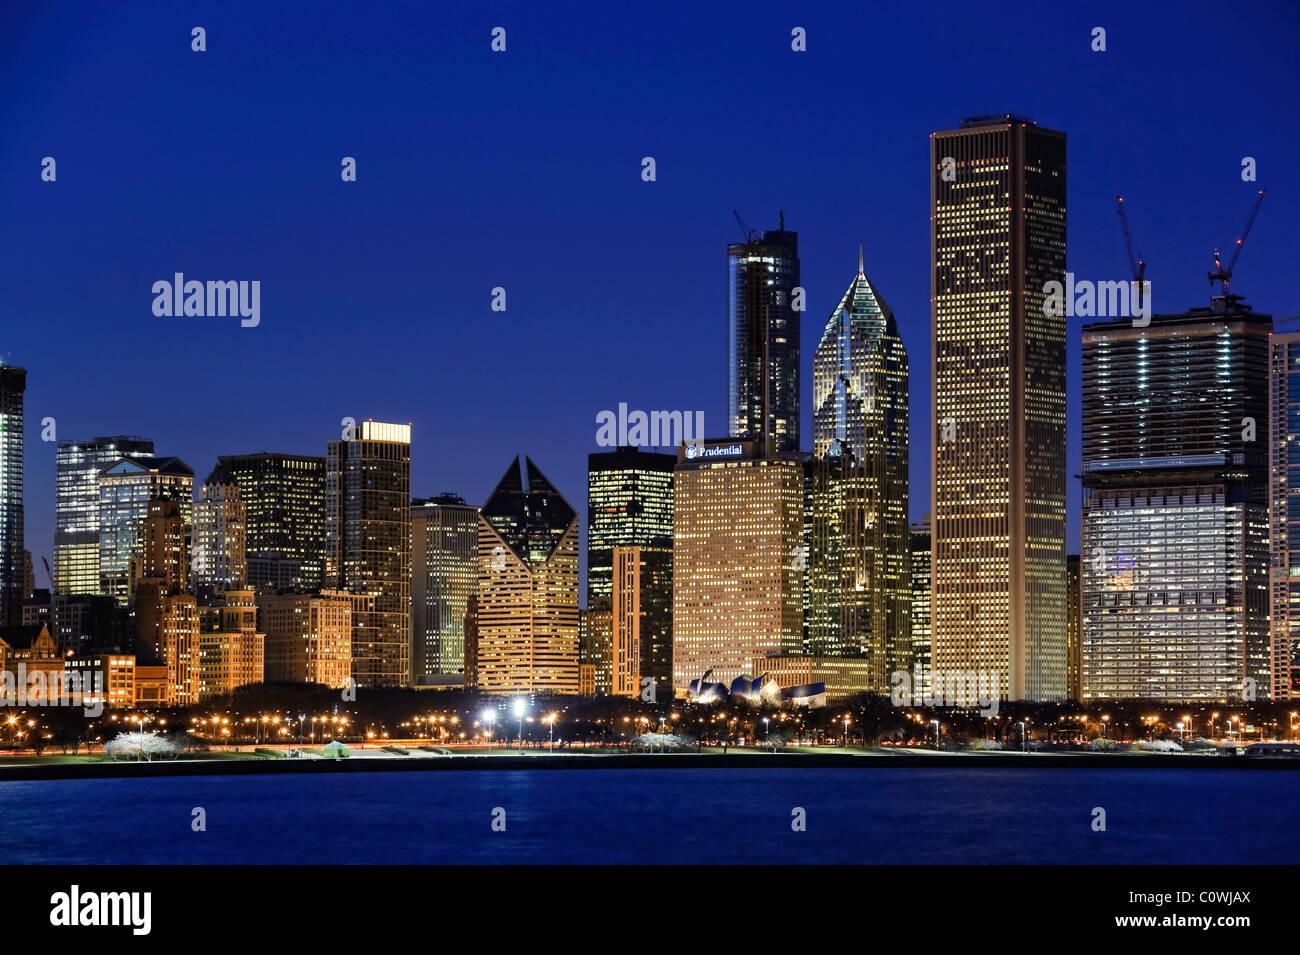 Le centre-ville de Chicago Skyline at Dusk, Chicago, Illinois, États-Unis Photo Stock